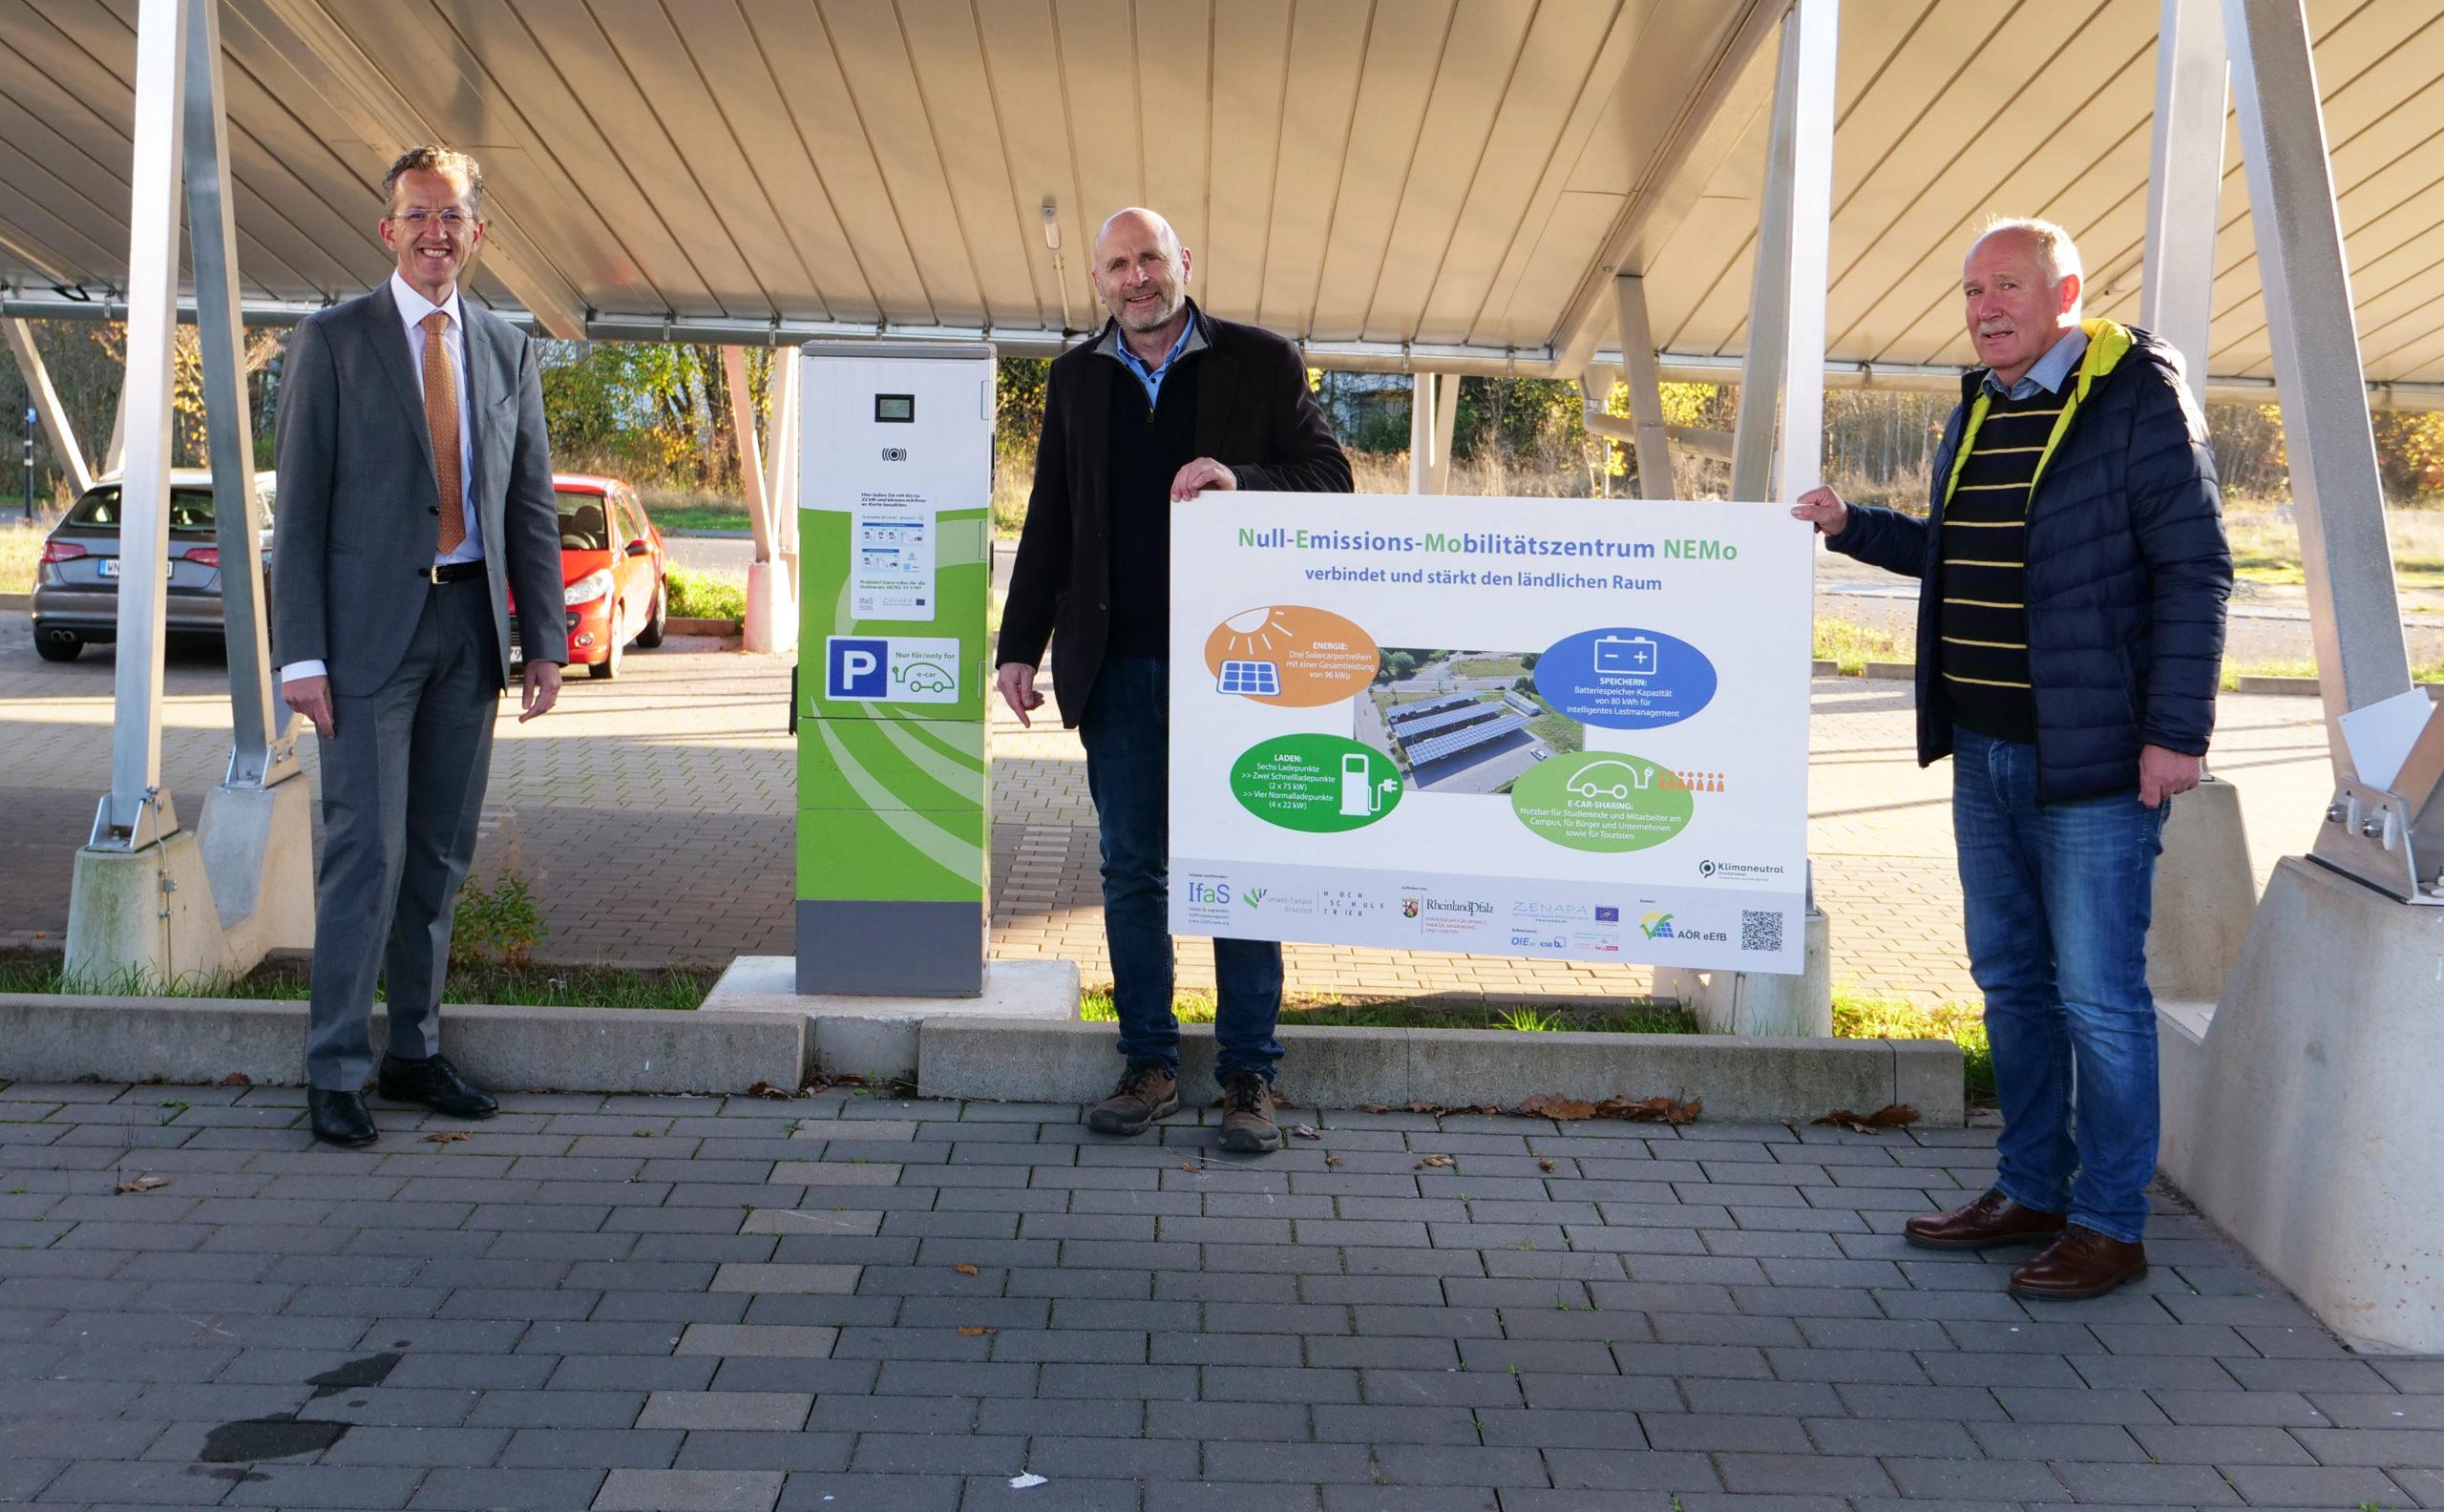 """Deutsche Solarpreis-Plakette 2020 zeichnet das Projekt """"NEMo"""" aus"""